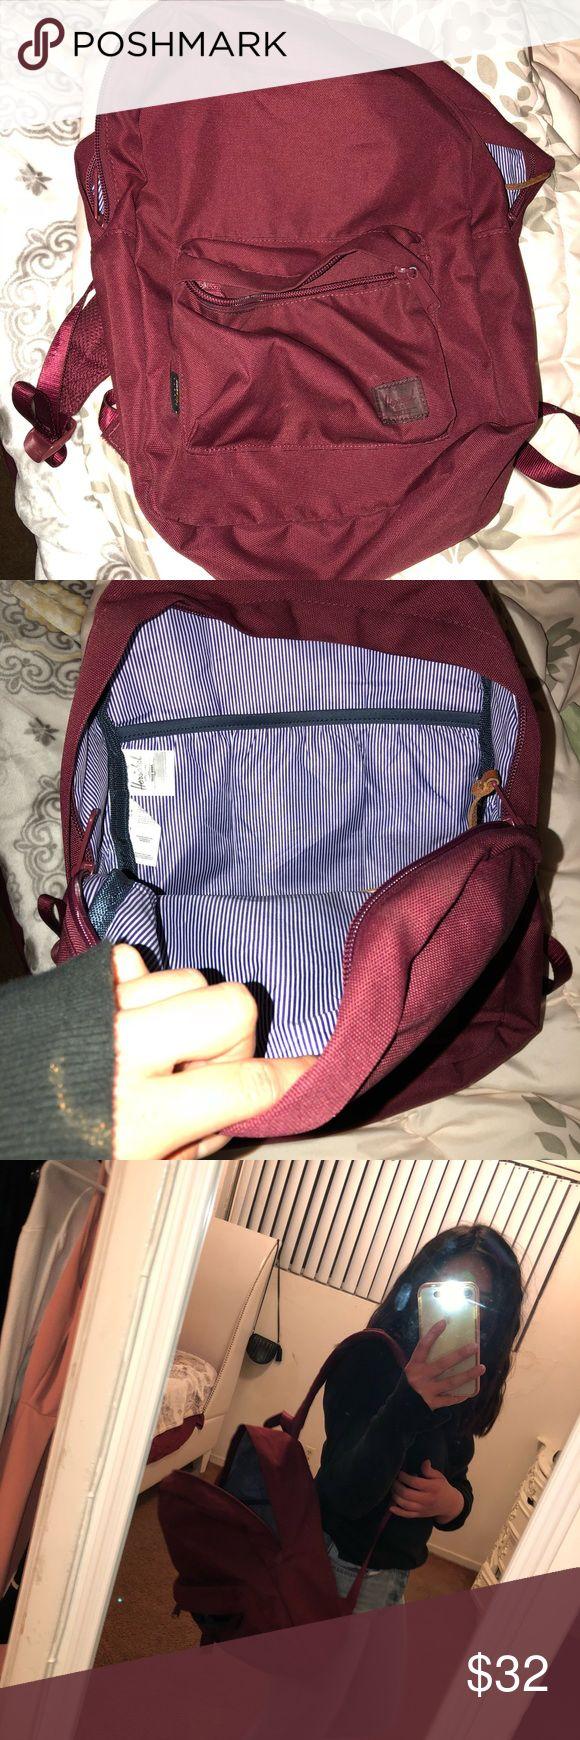 Backpack Maroon Herschel backpack Herschel Supply Company Bags Backpacks